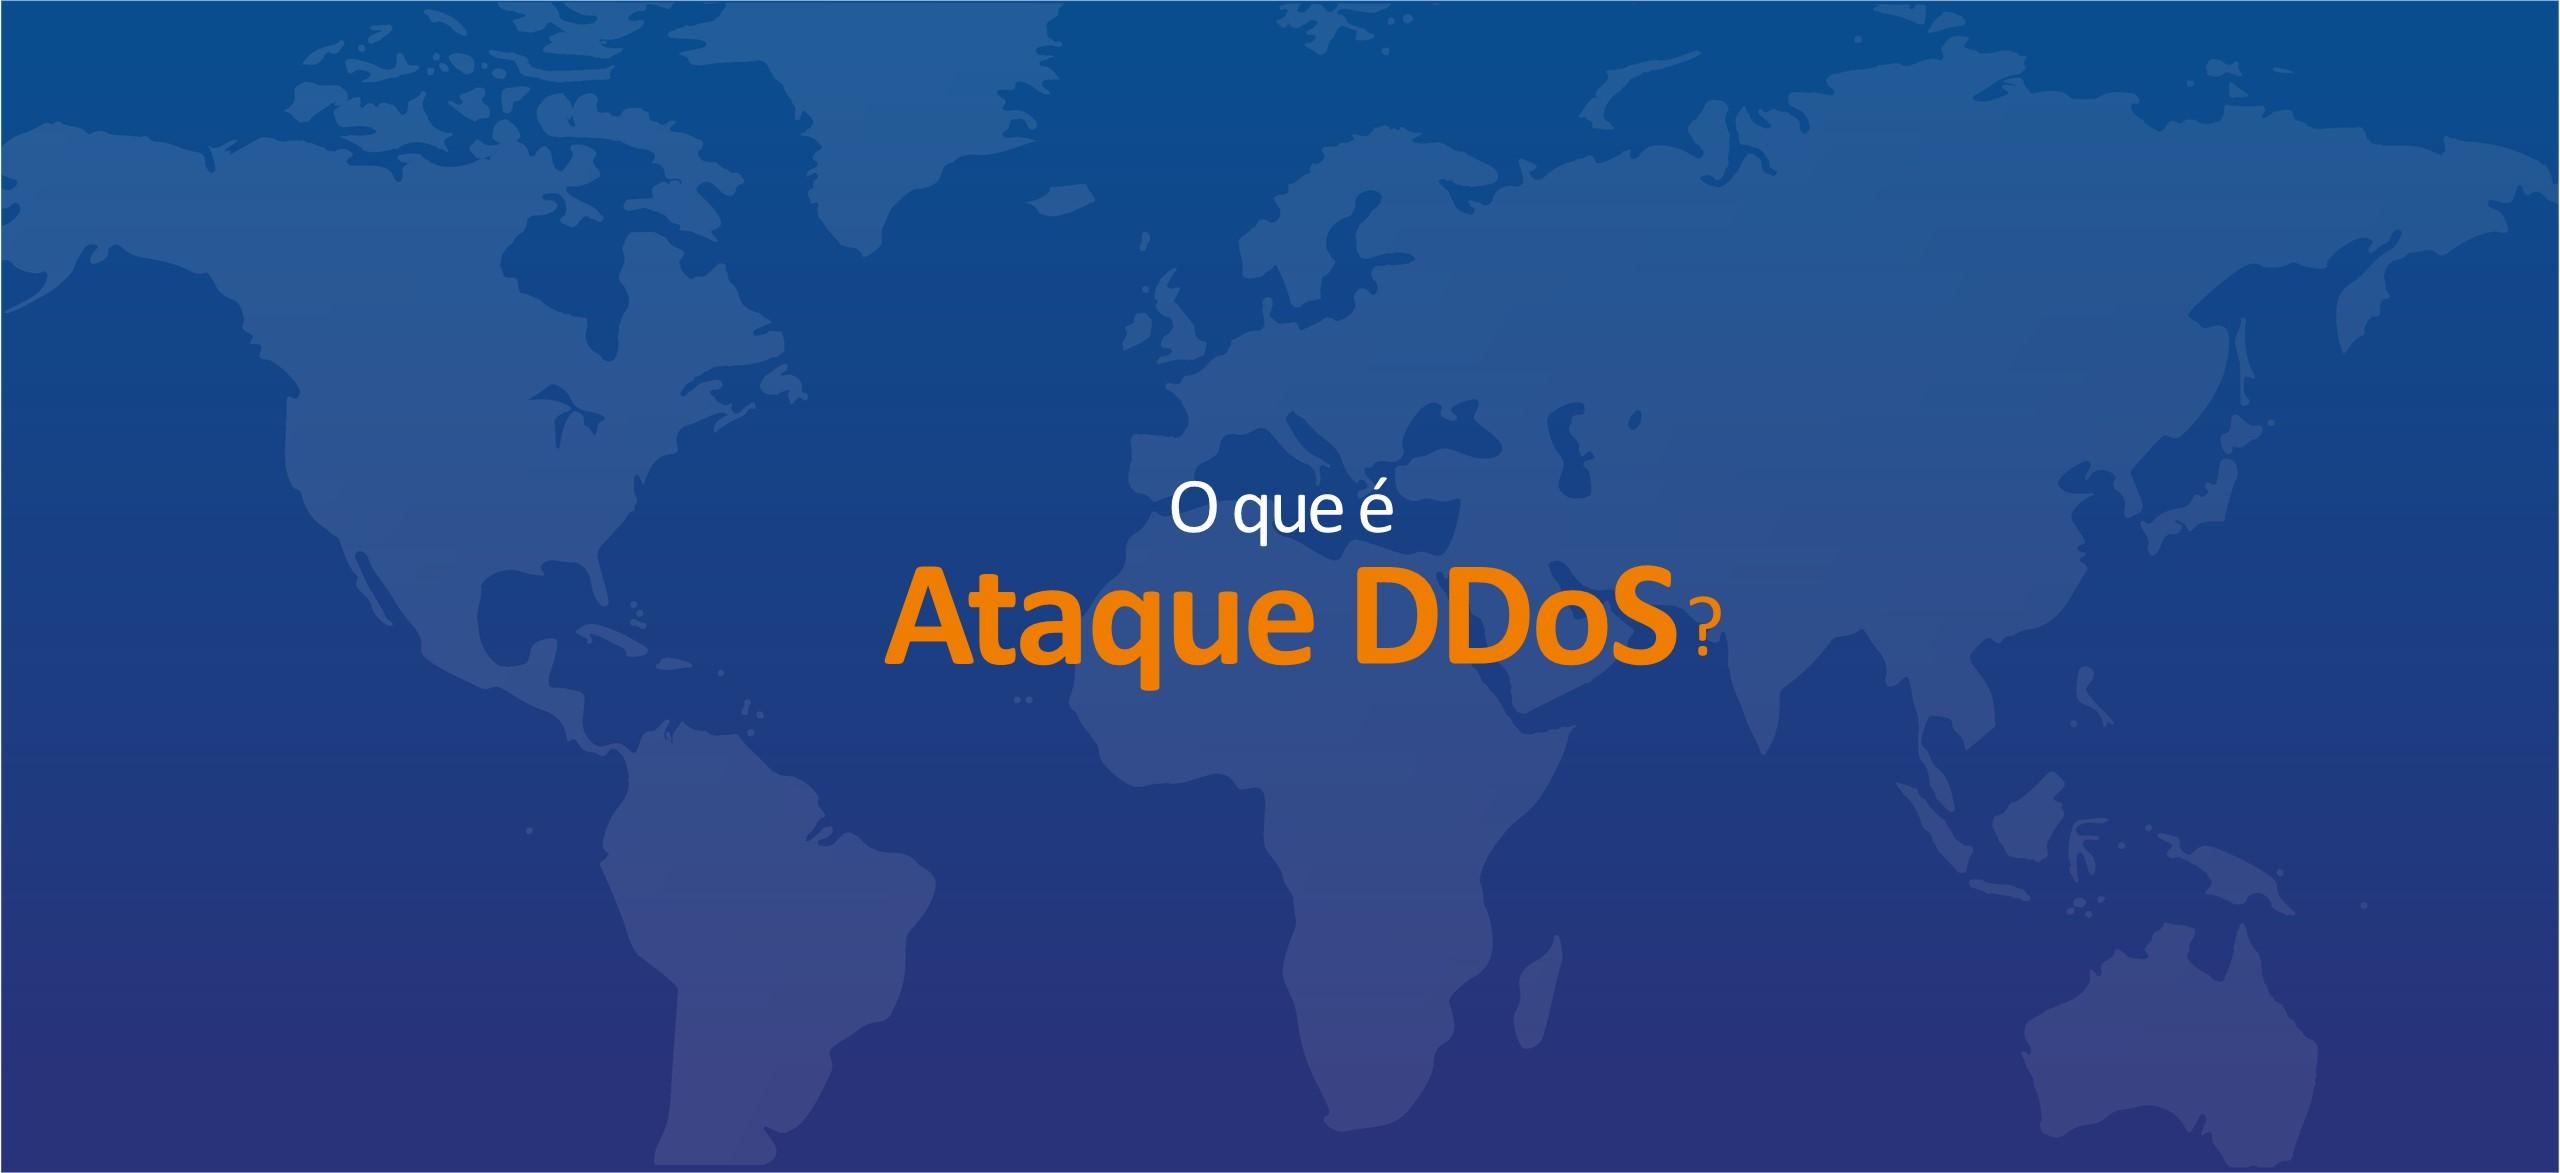 O que é Ataque DDoS?